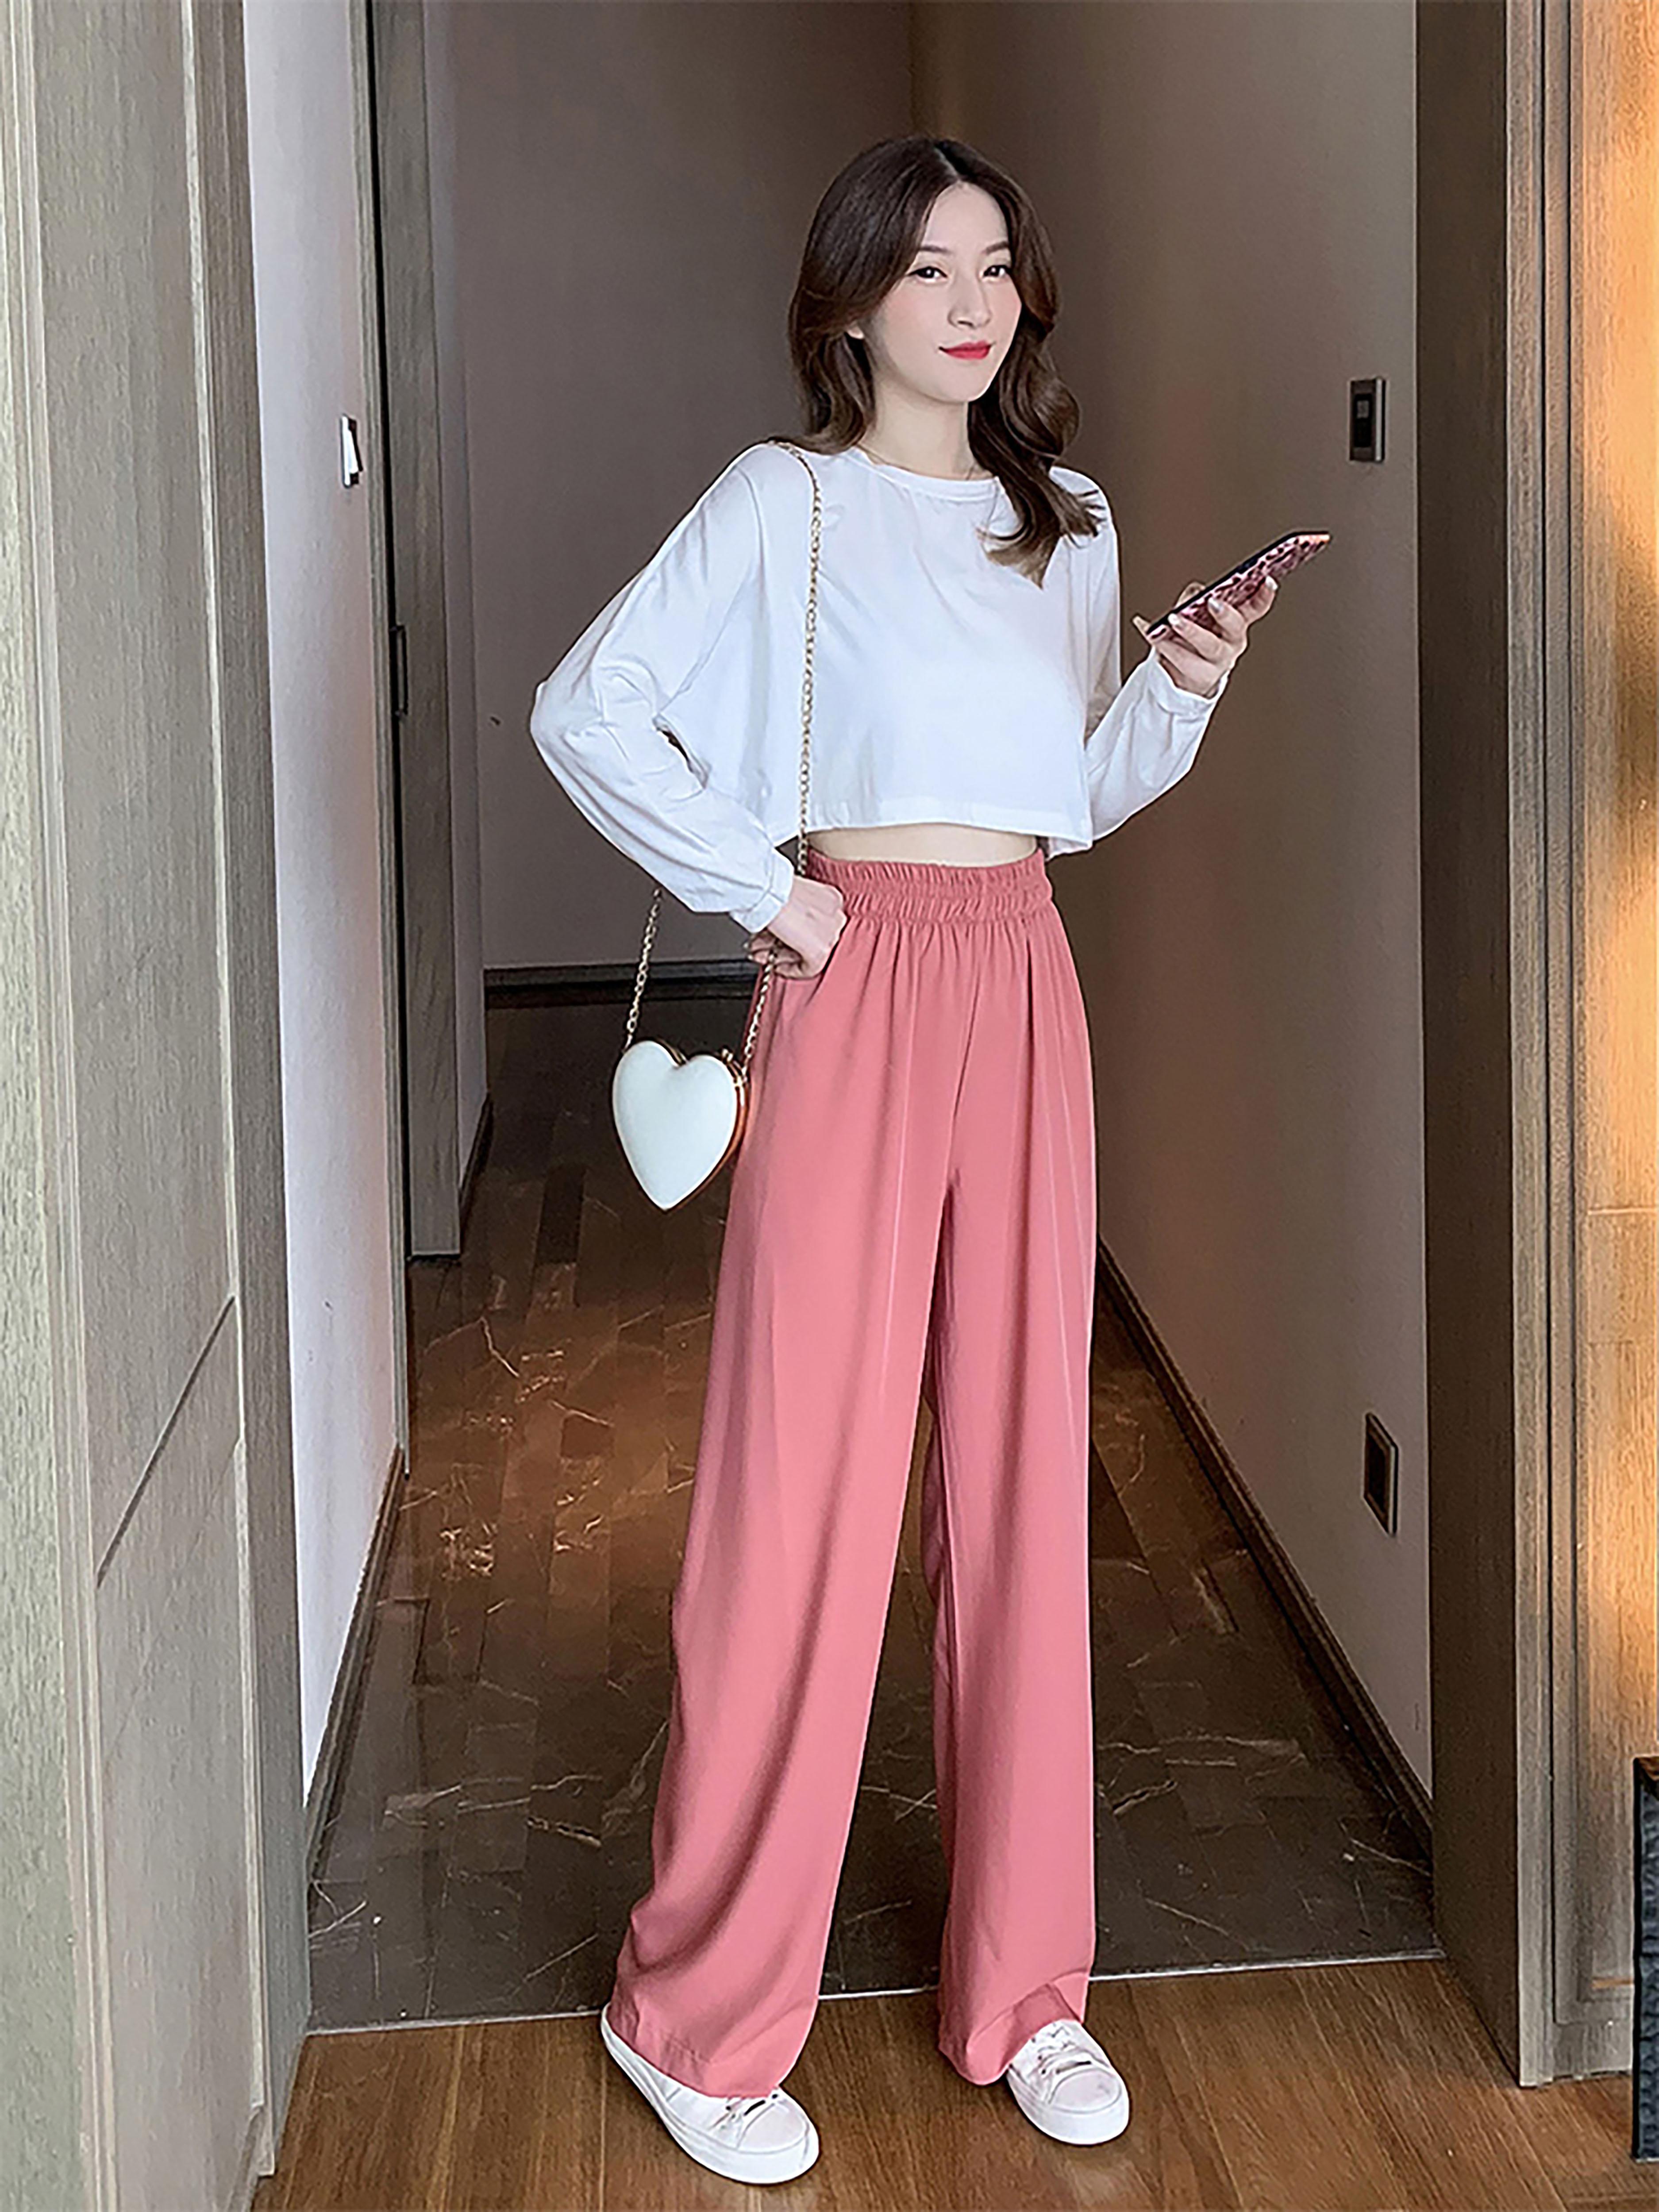 女神温柔休闲时尚套装秋季韩版新款白色长袖T恤高腰阔腿裤两件套